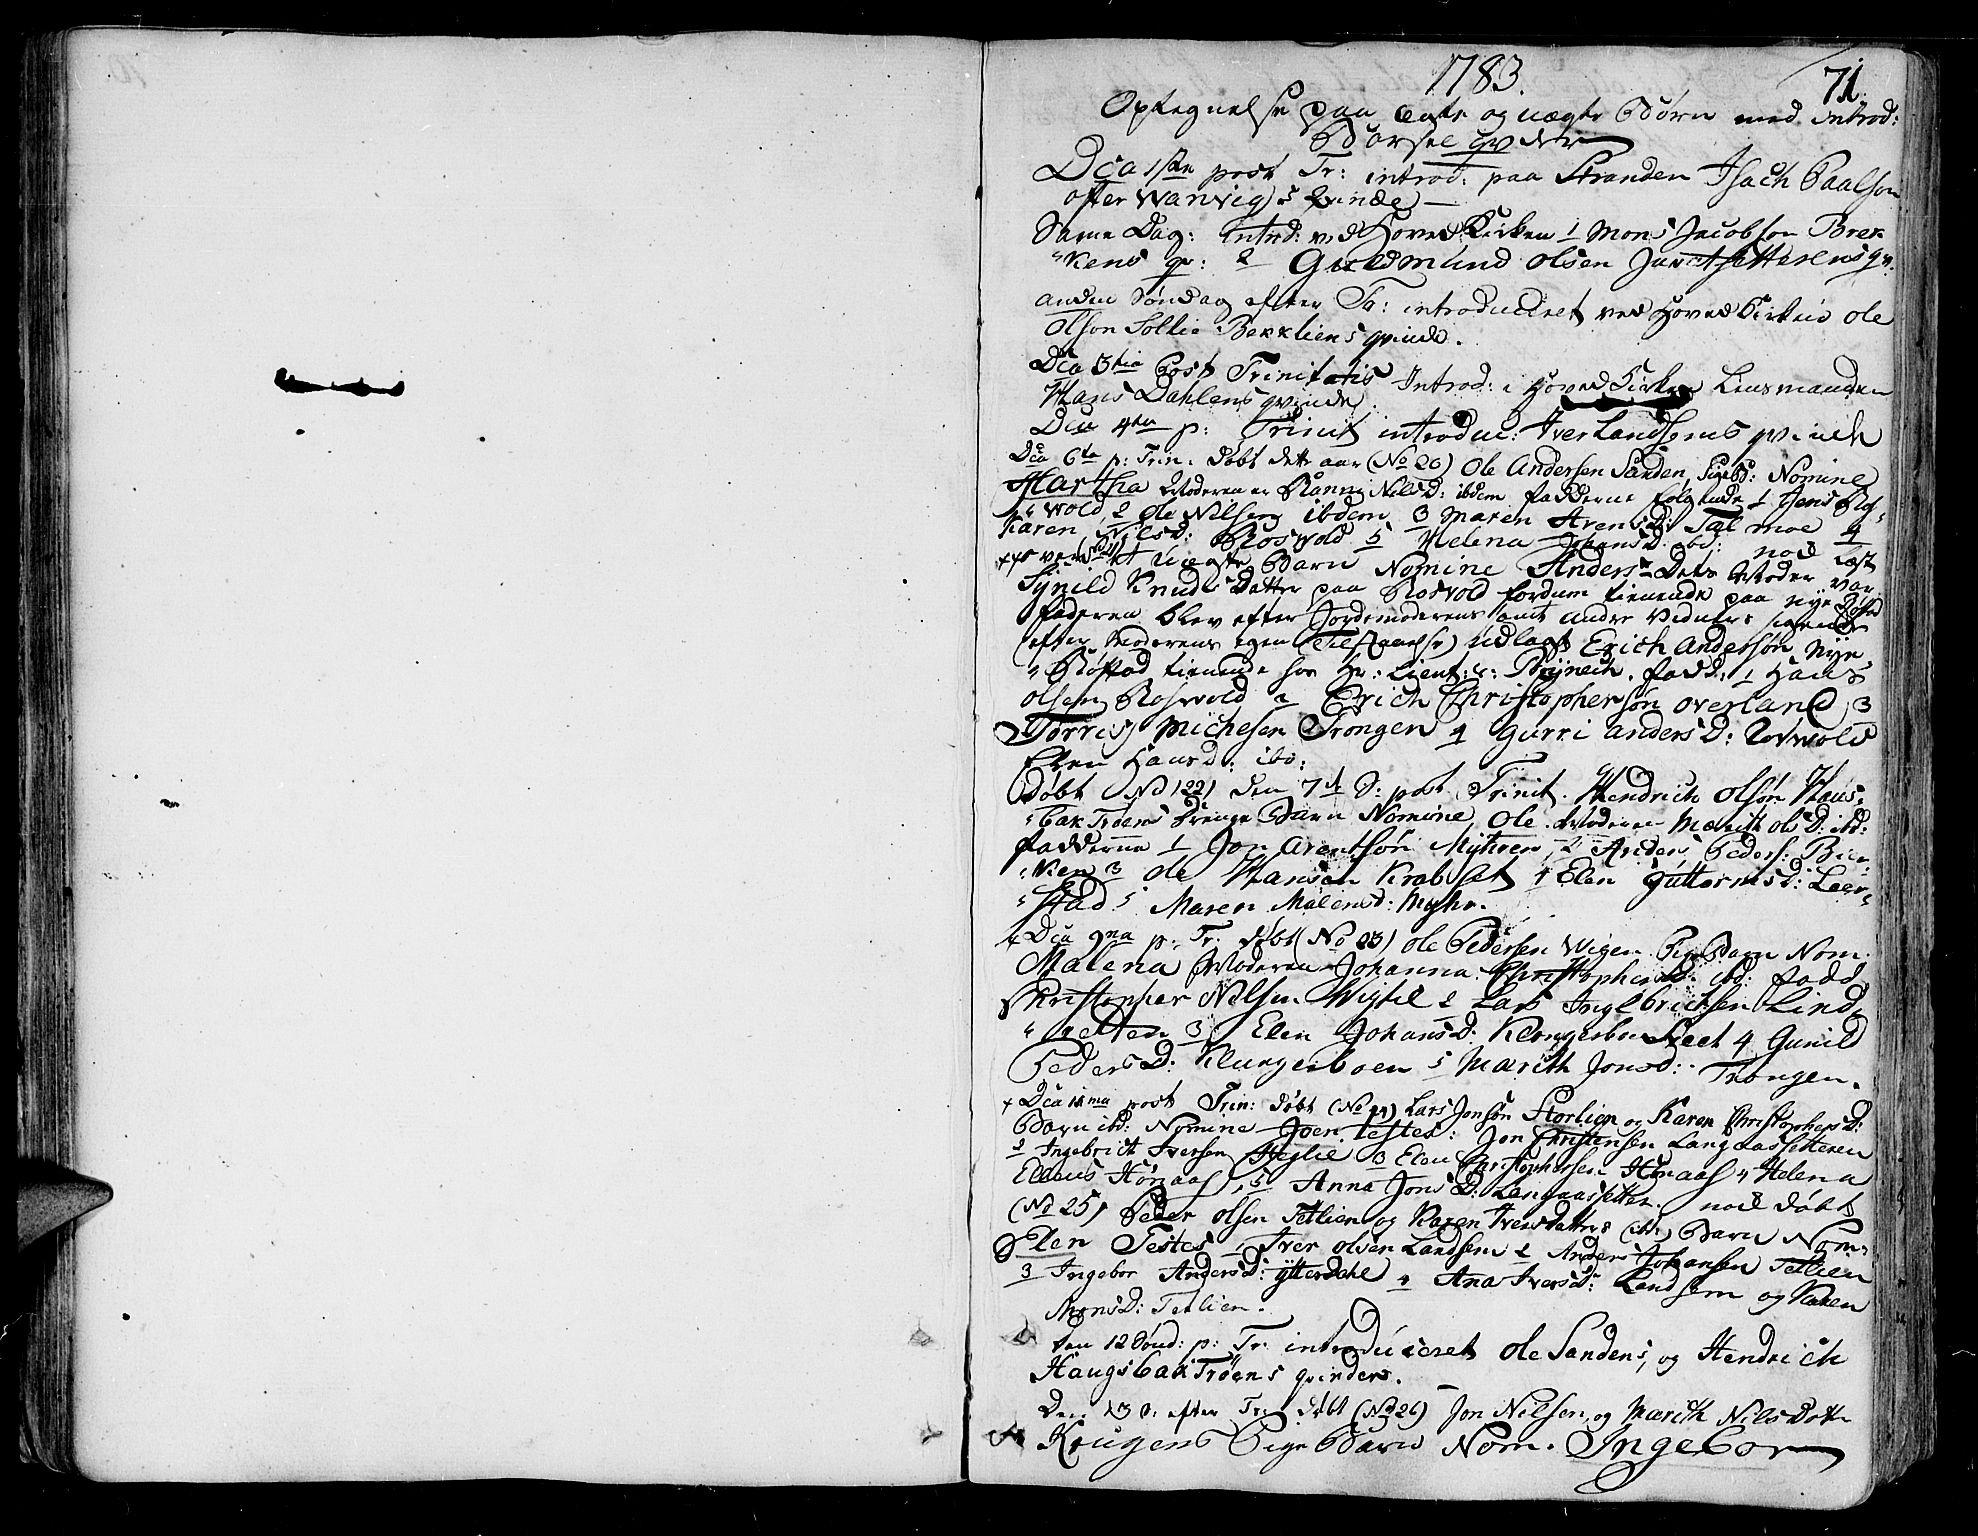 SAT, Ministerialprotokoller, klokkerbøker og fødselsregistre - Nord-Trøndelag, 701/L0004: Parish register (official) no. 701A04, 1783-1816, p. 71